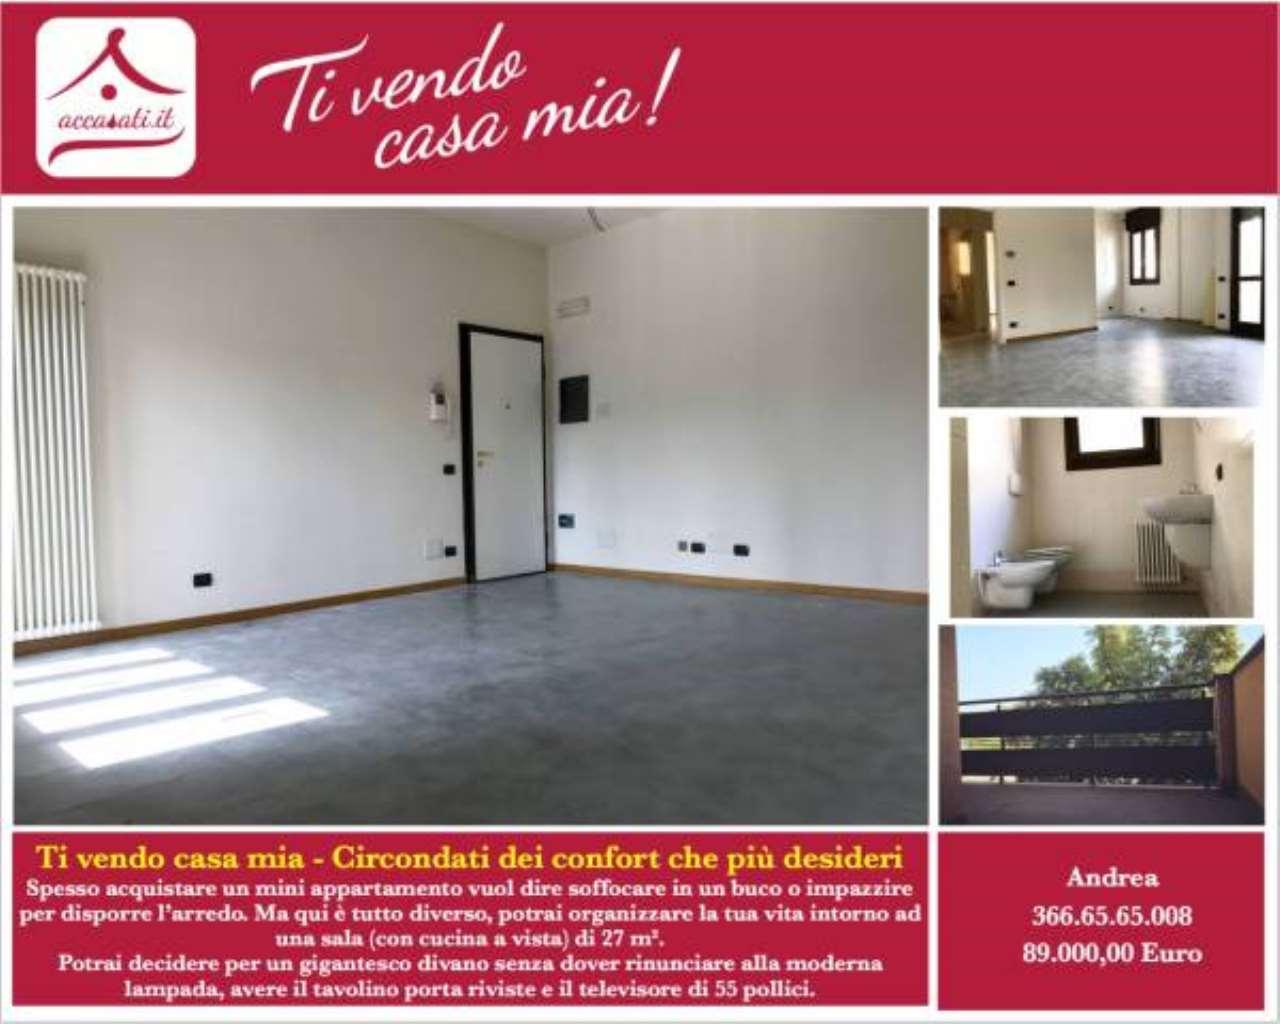 Appartamento in vendita a Carpi, 2 locali, prezzo € 89.000 | CambioCasa.it